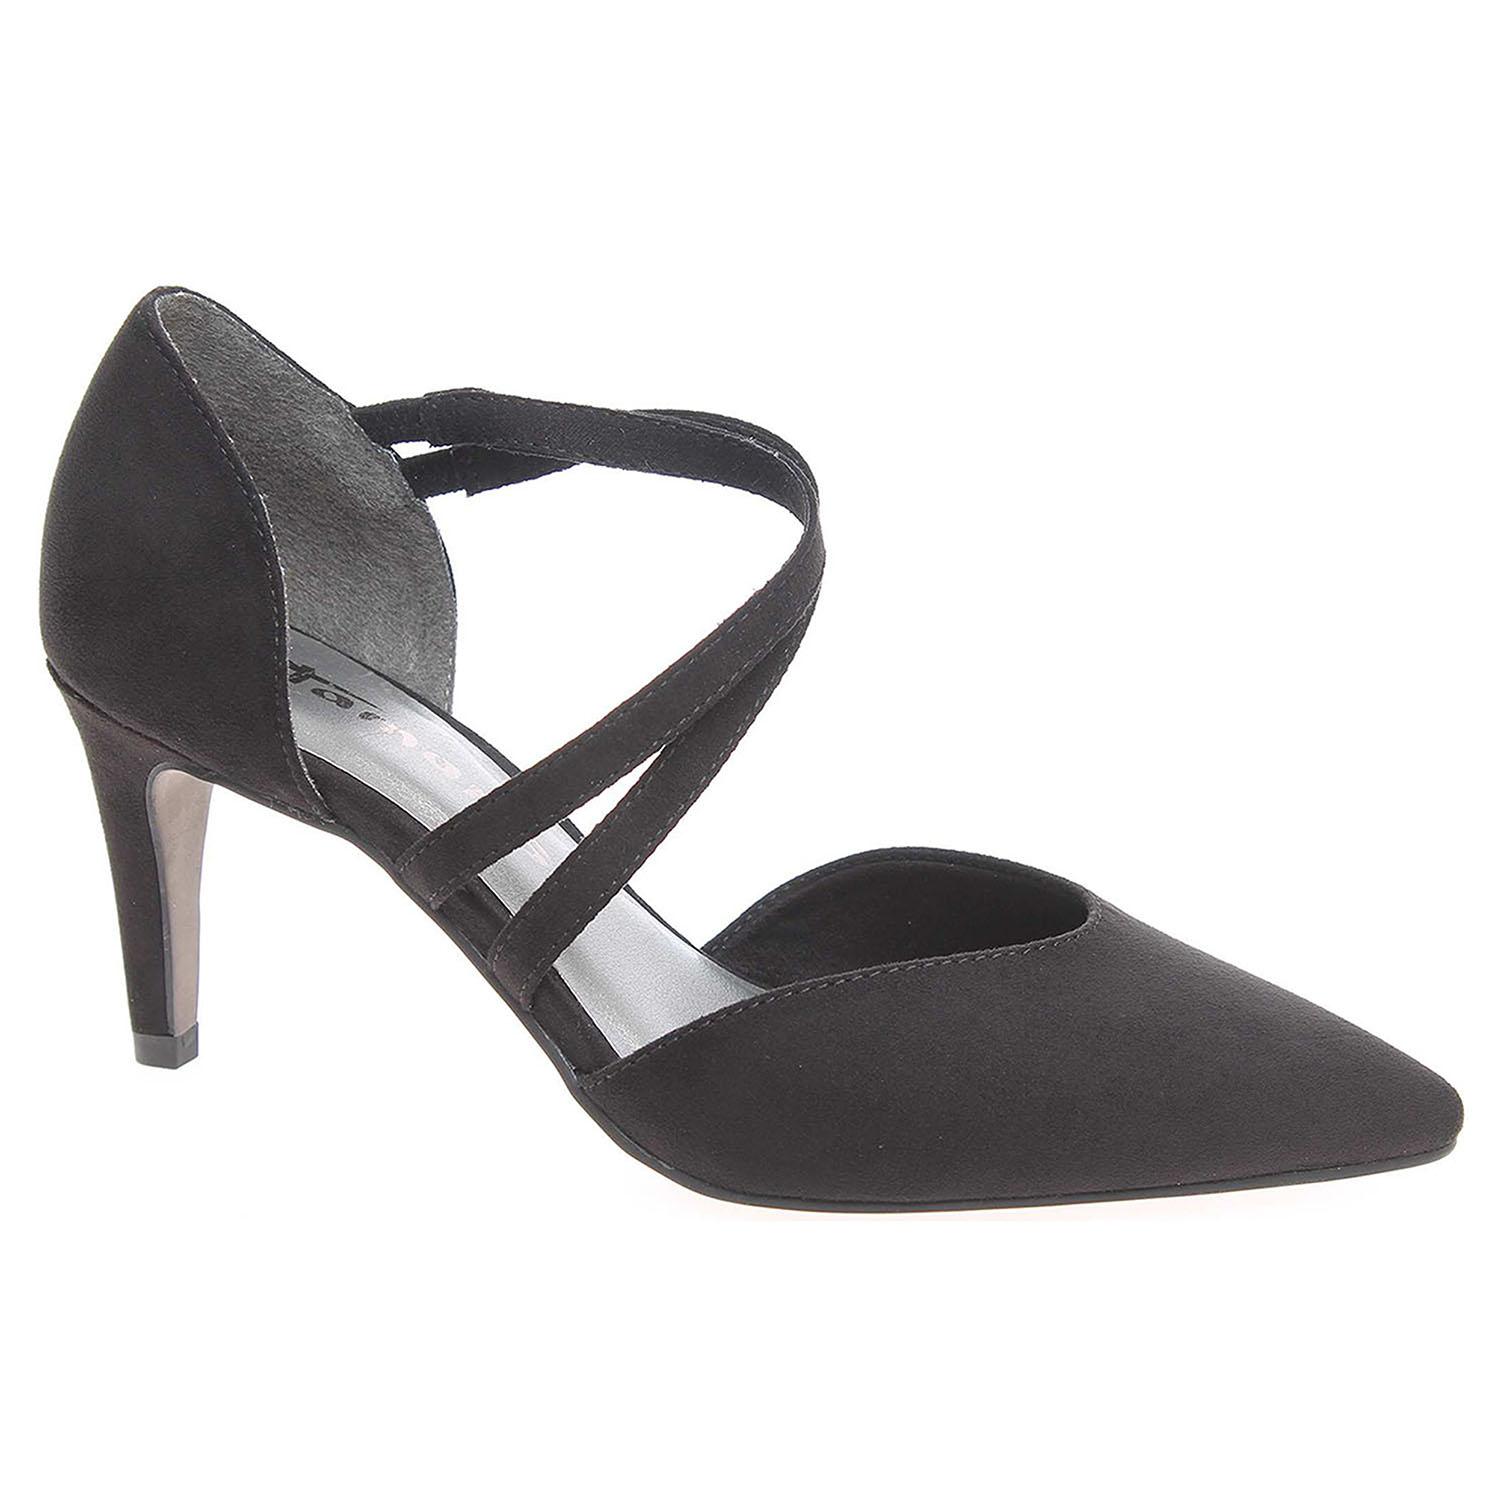 462a9d45f224b Dámska spoločenské topánky Tamaris 1-24406-29 černé   REJNOK obuv